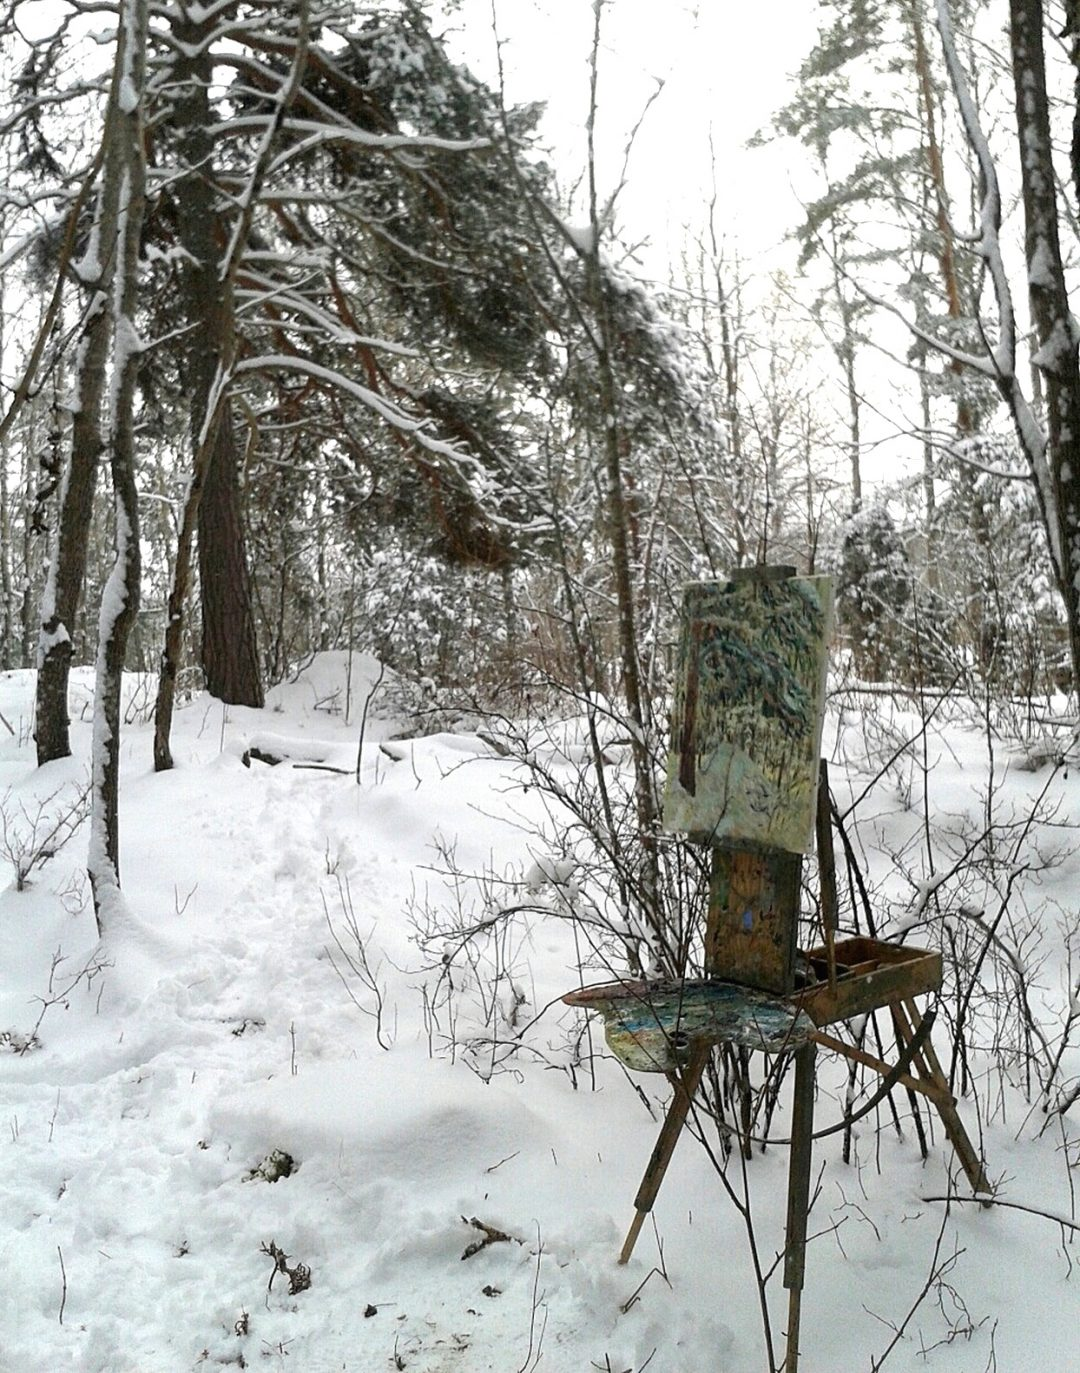 John Maclean: Painting in heavy snow